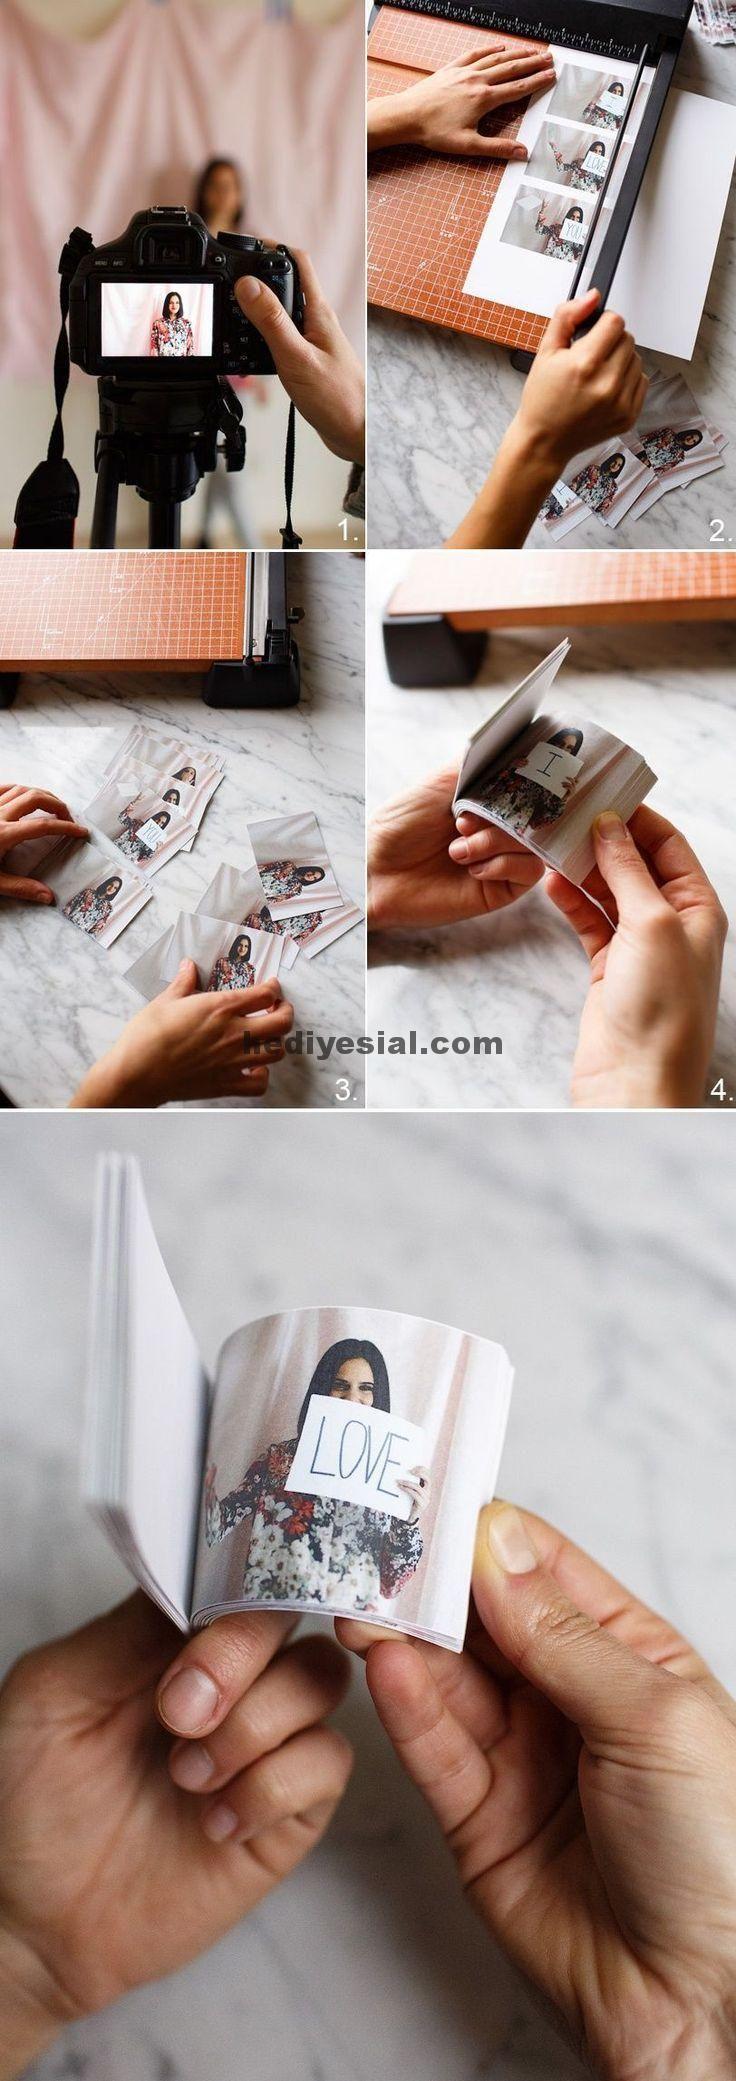 14 schöne Möglichkeiten, die beste Valentinskarte #boyfriendgift zu machen, #beste #boyfriendgift #machen #moglichkeiten #present #schone #valentinskarte, Geschenk